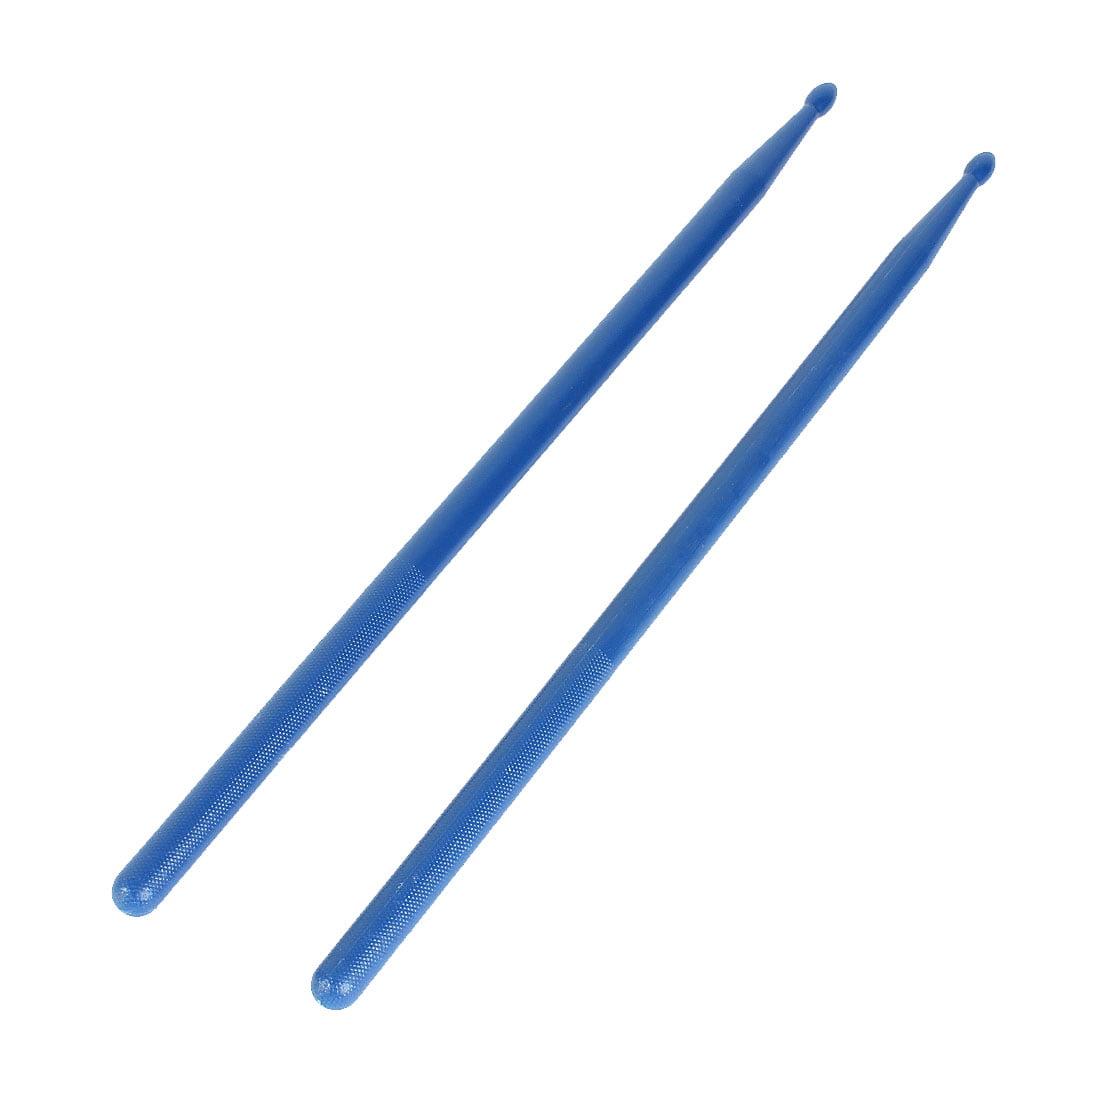 Unique Bargains Blue Plastic Antislip Handle Musical 5A Drum Sticks Drumsticks 2 Pcs by Unique-Bargains